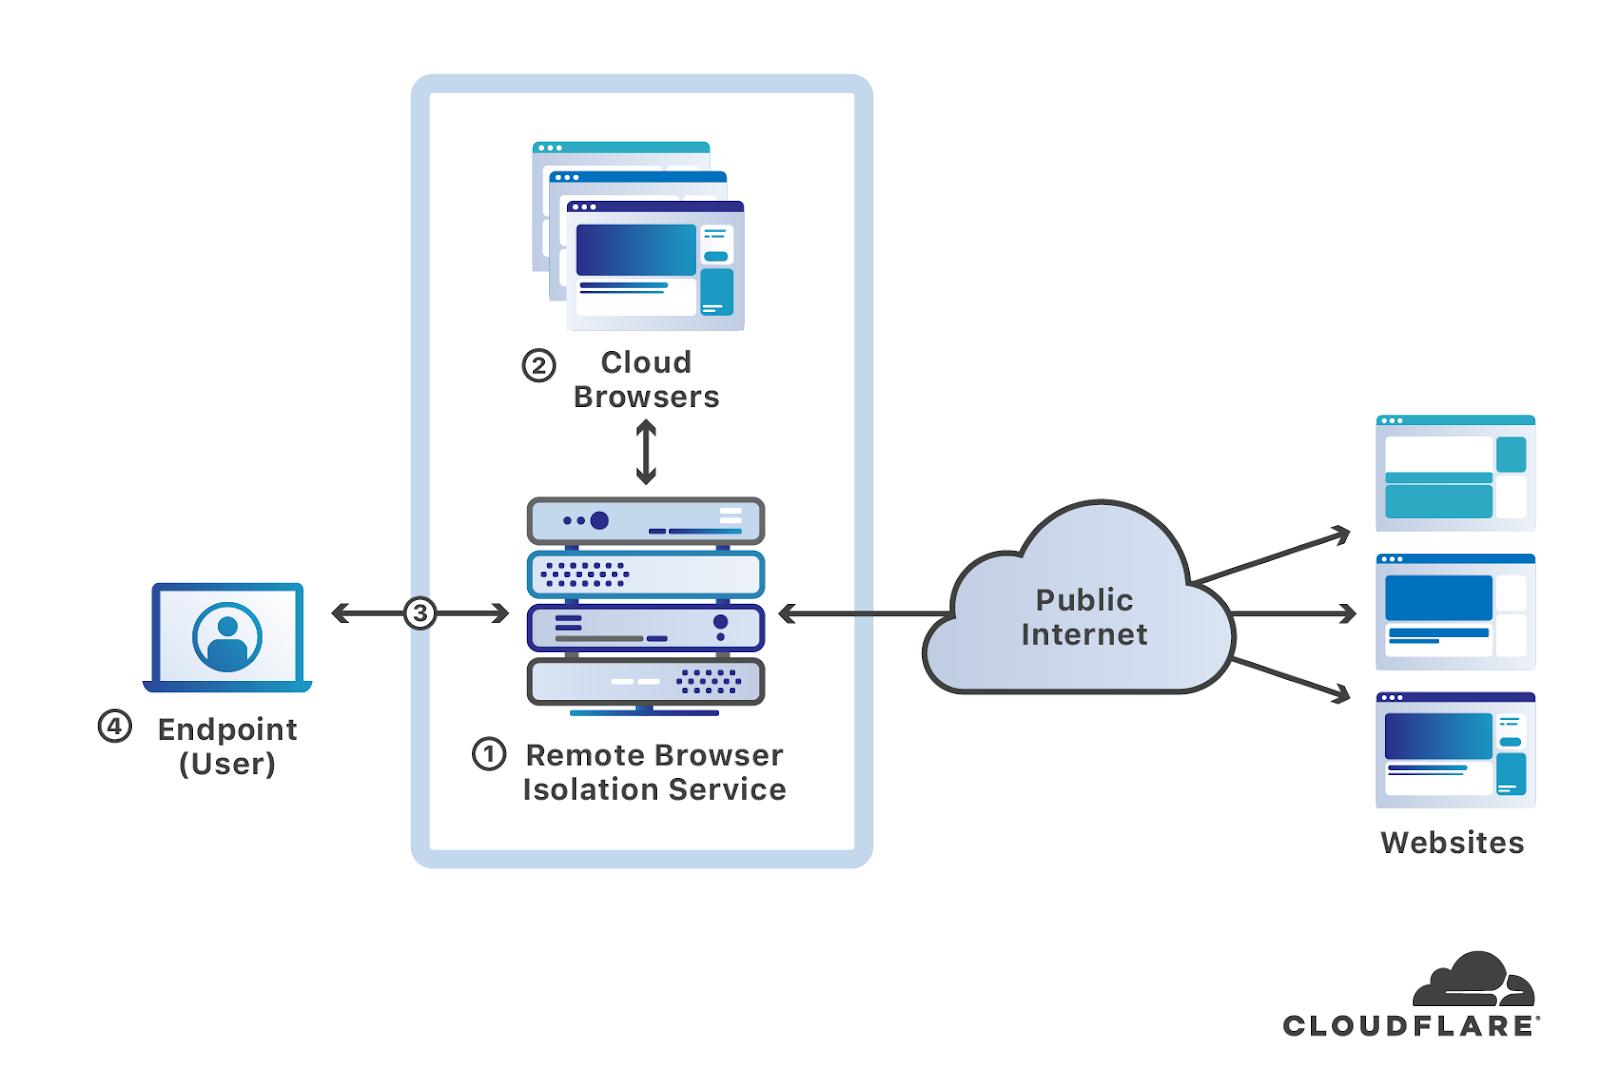 Cloudflare + Aislamiento remoto del navegador